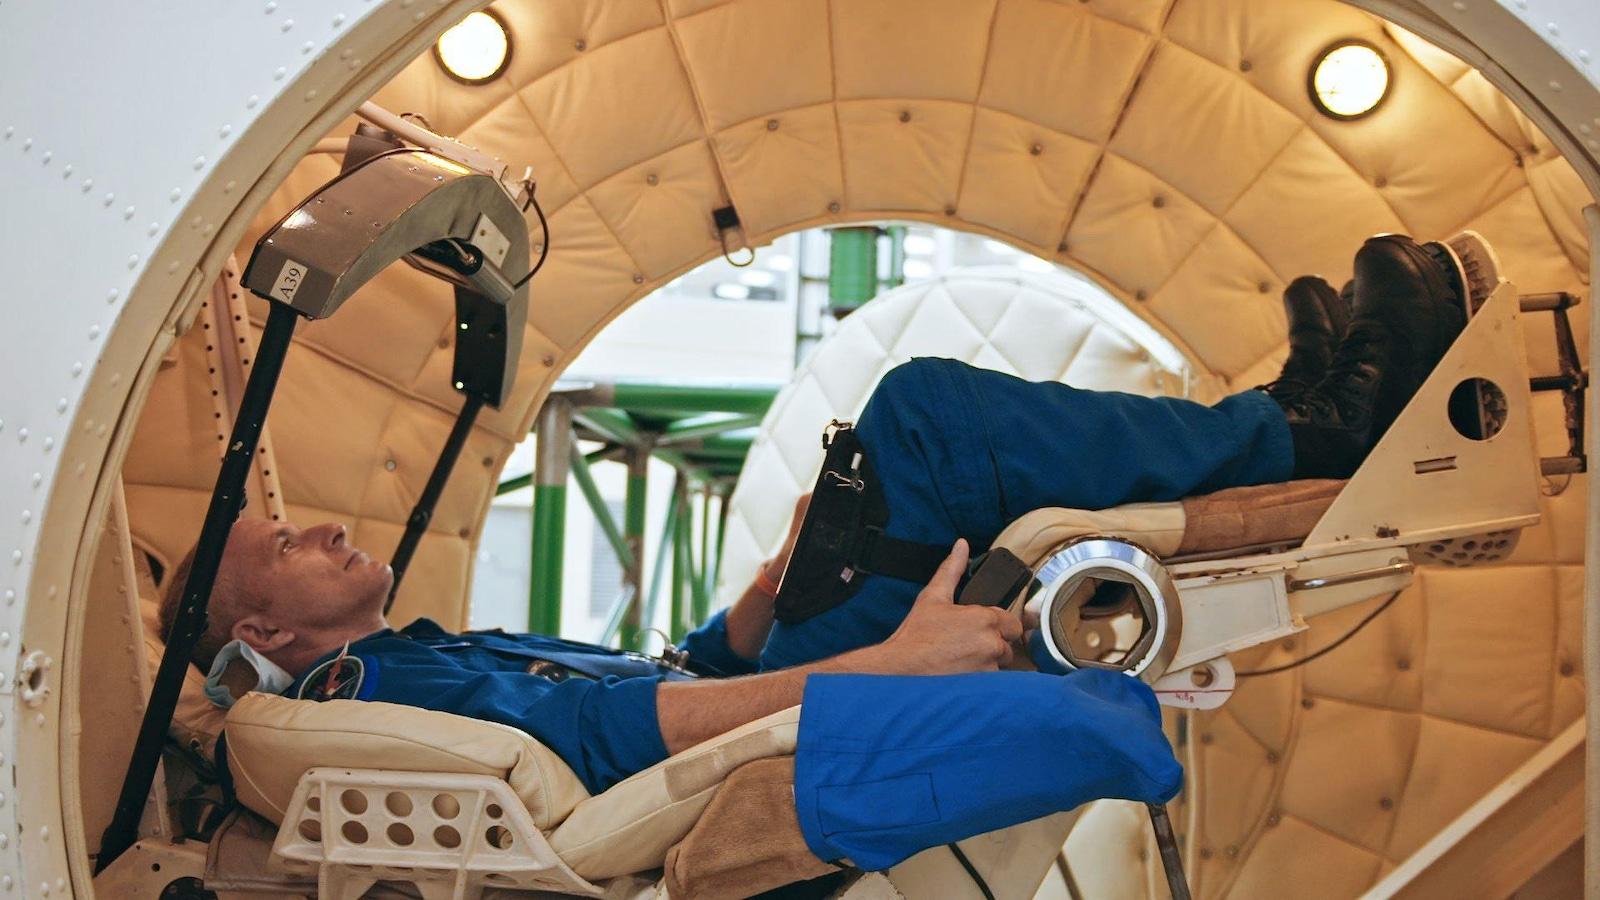 Il se pratique dans la centrifugeuse humaine avant d'aller en mission spatiale